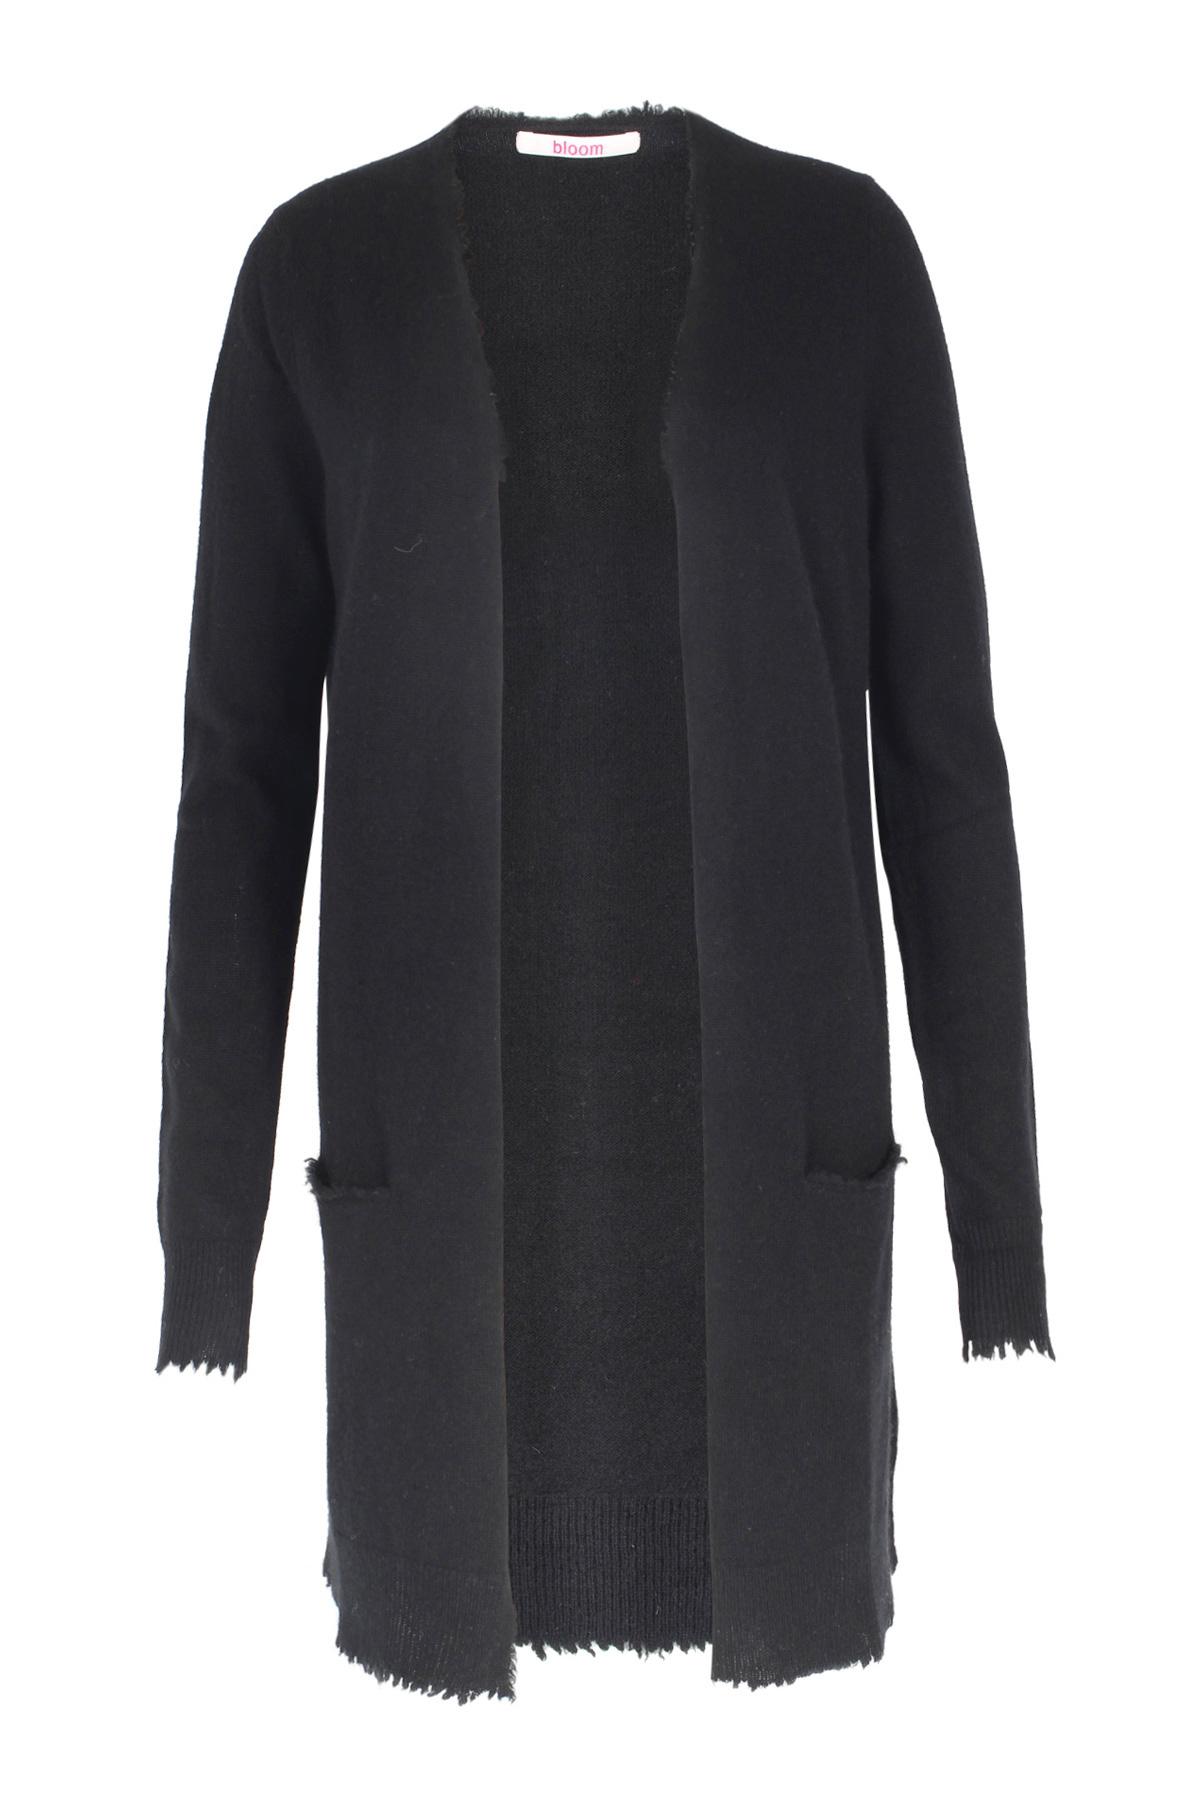 cashmere long cardigan black von bloom bei cashmere. Black Bedroom Furniture Sets. Home Design Ideas